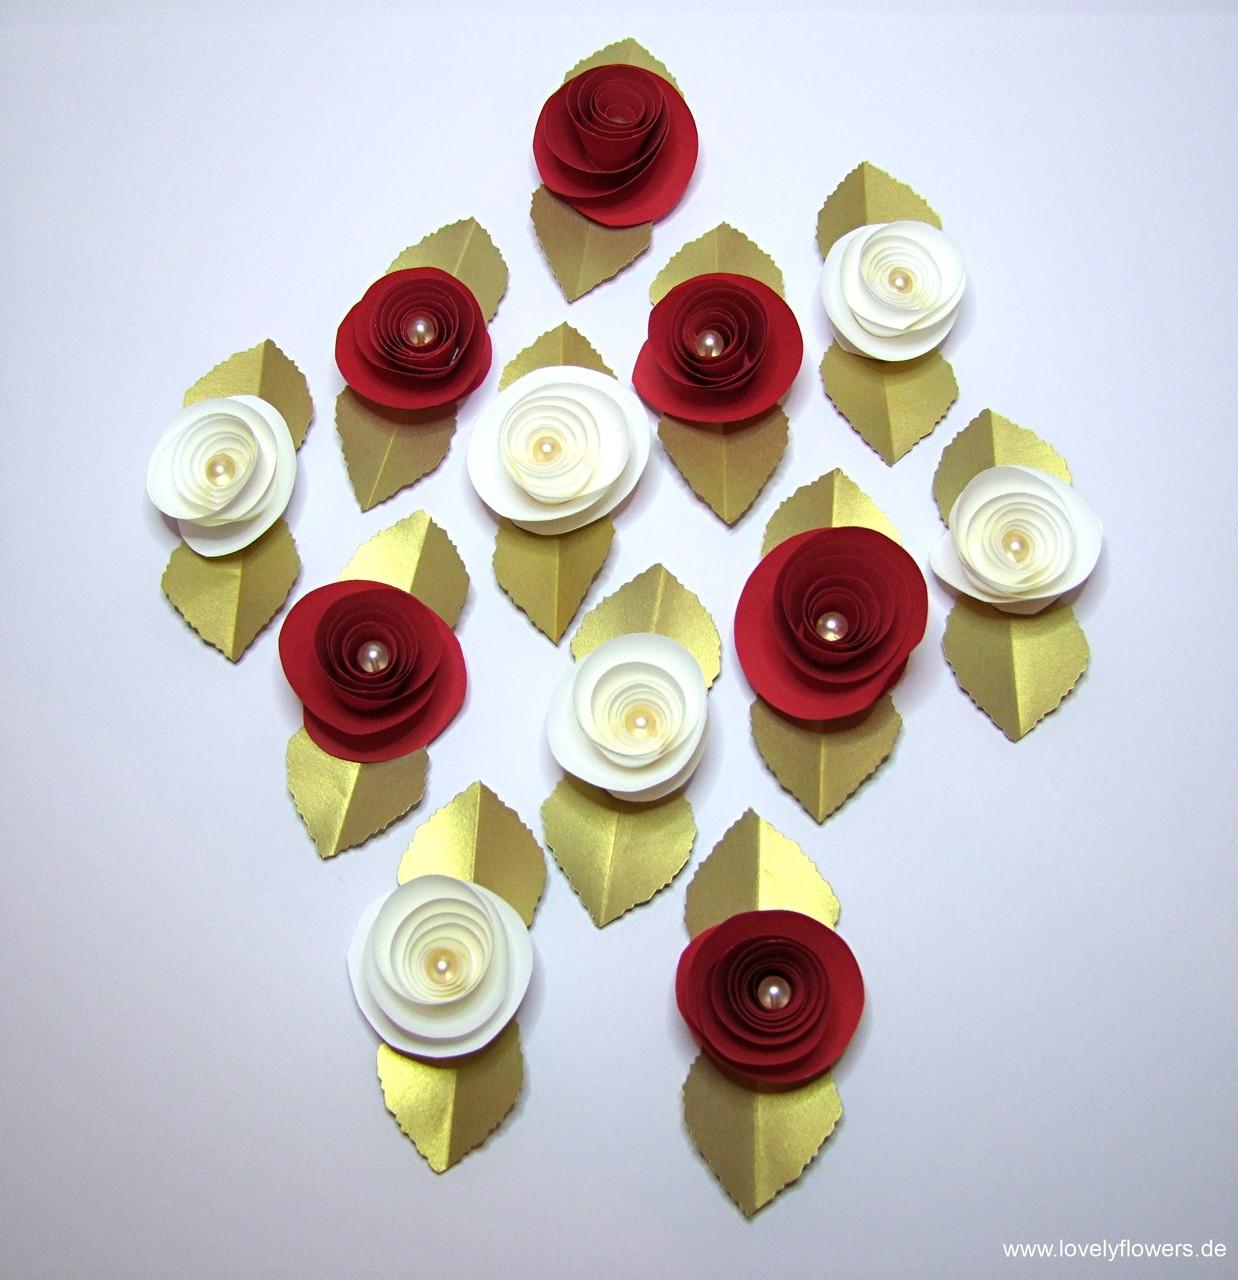 Paper-Art Streublütenset 'Edle Rose' in Creme und Blutrot auf Goldblatt im Ziselurschnitt (120 Stück handgefertigt für die Winterhochzeit in Salzburg)